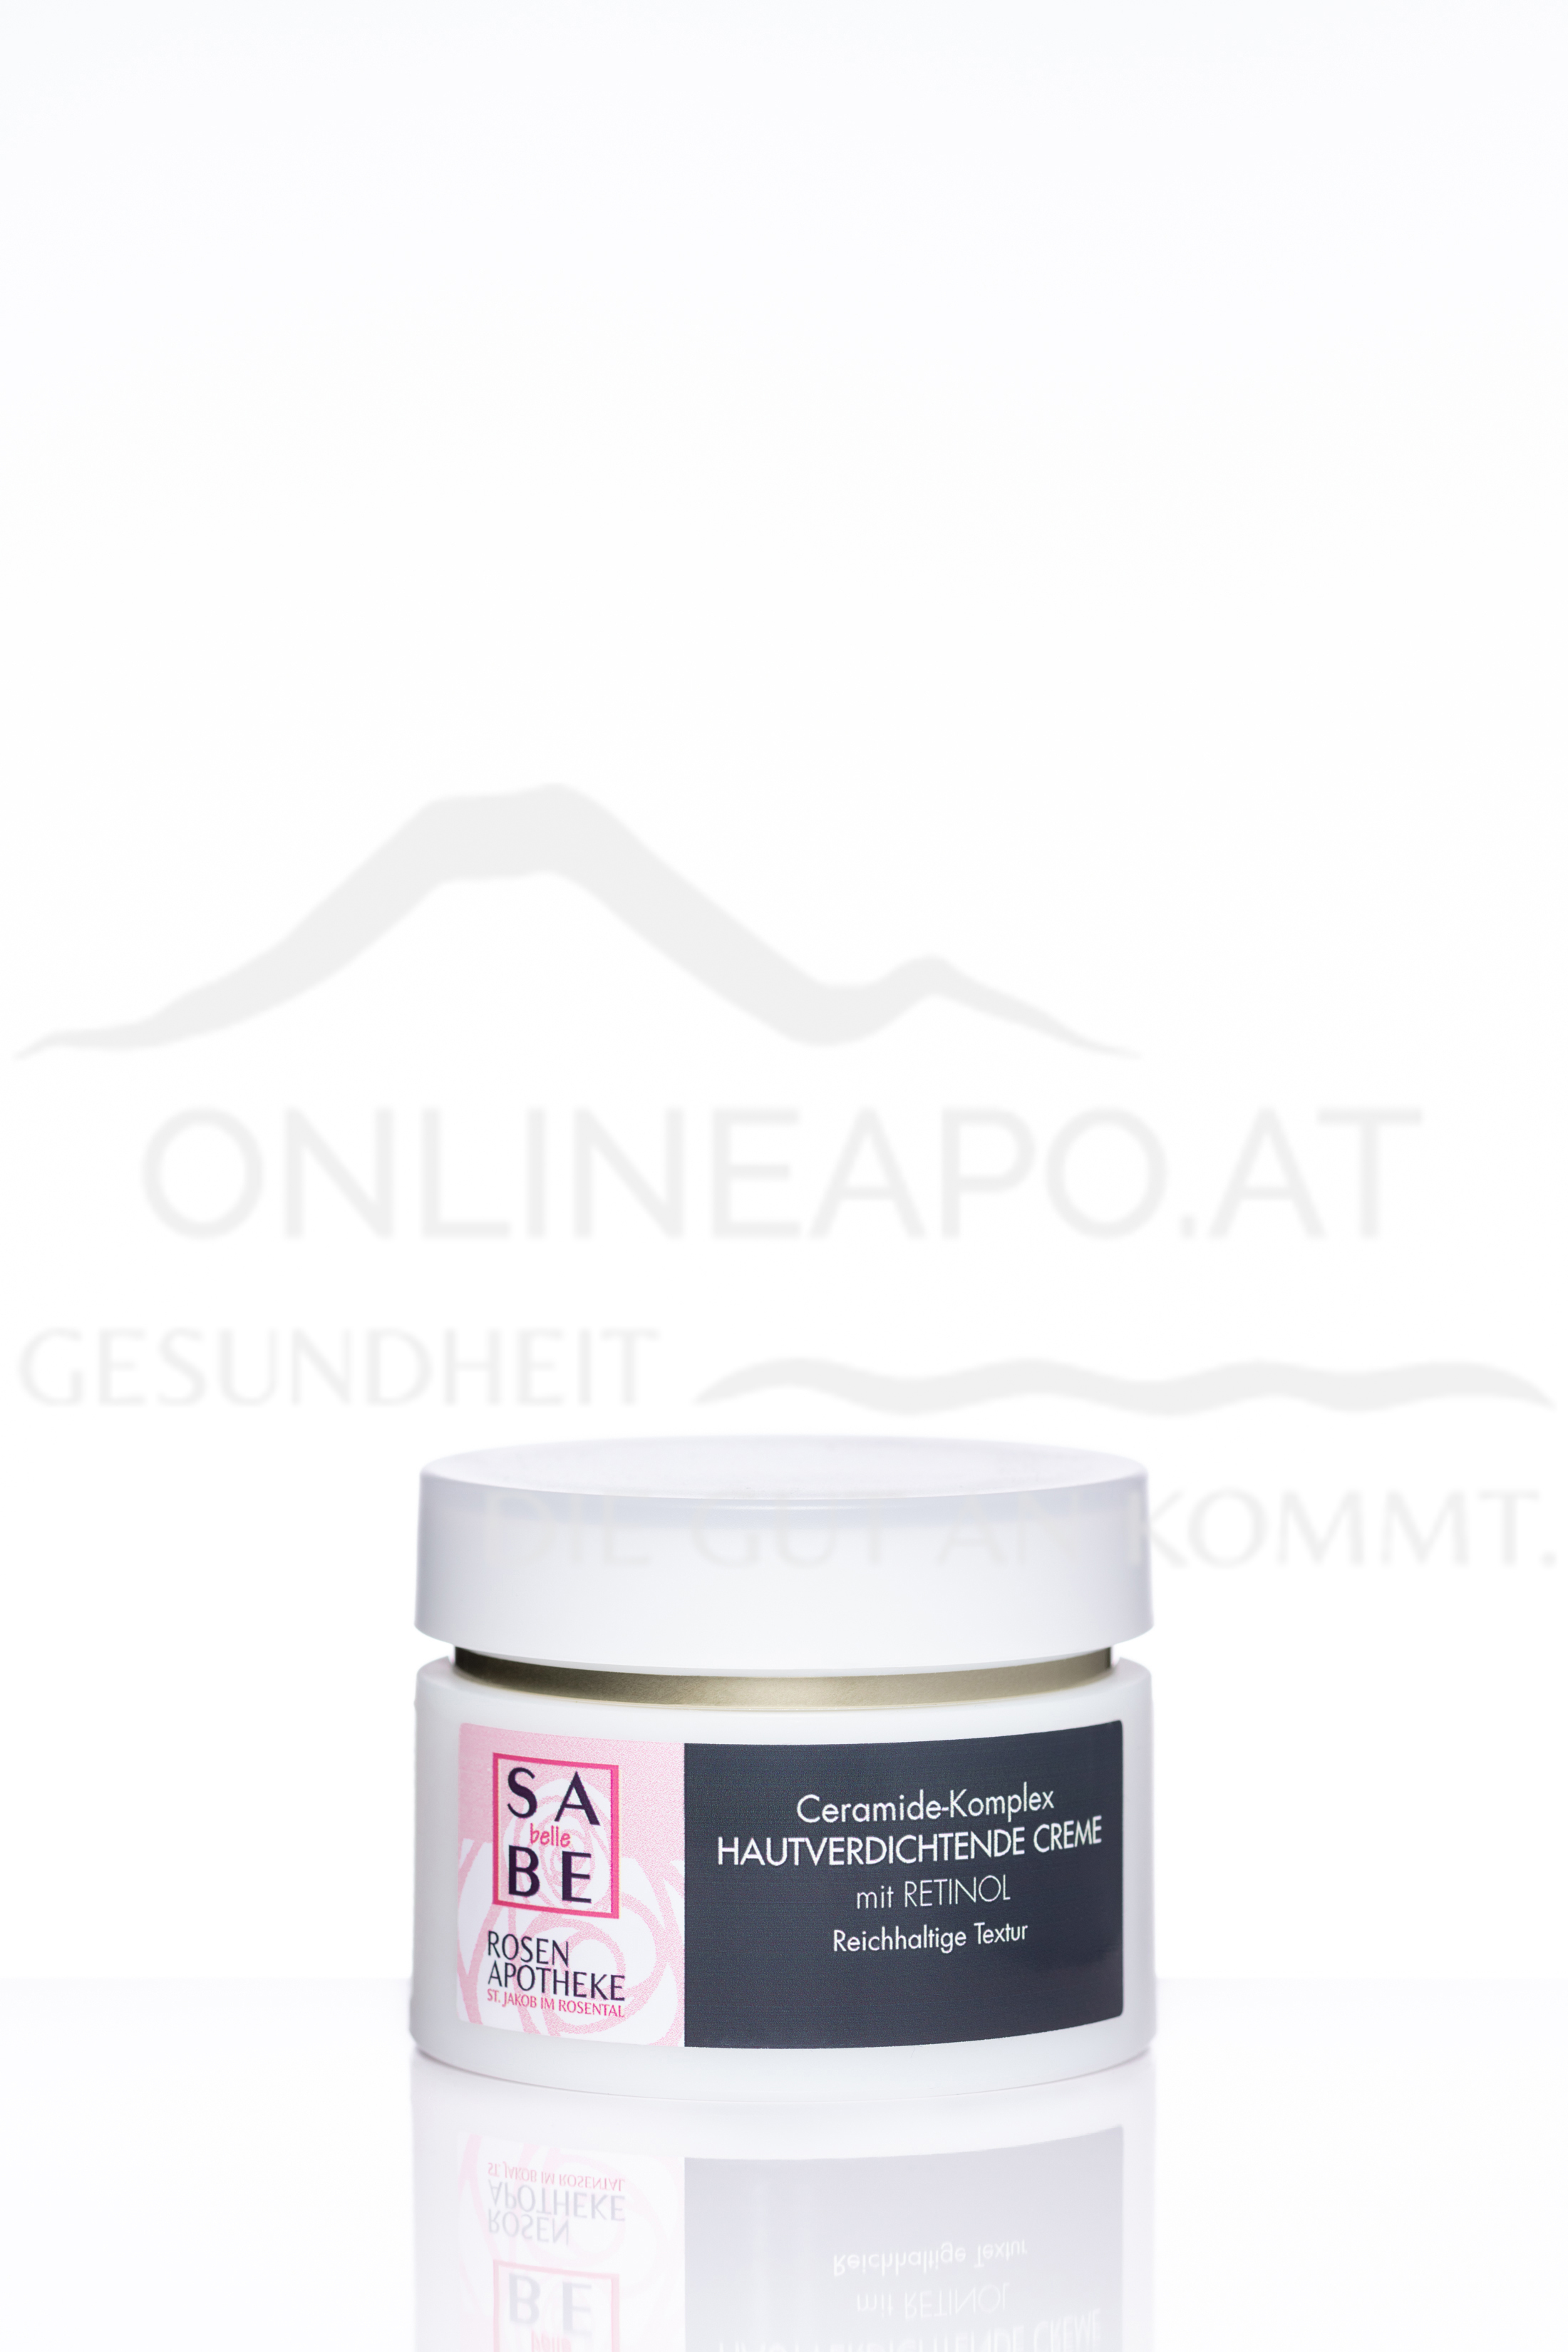 SABE belle Ceramide-Komplex Hautverdichtende Creme mit Retinol - Reichhaltige Textur